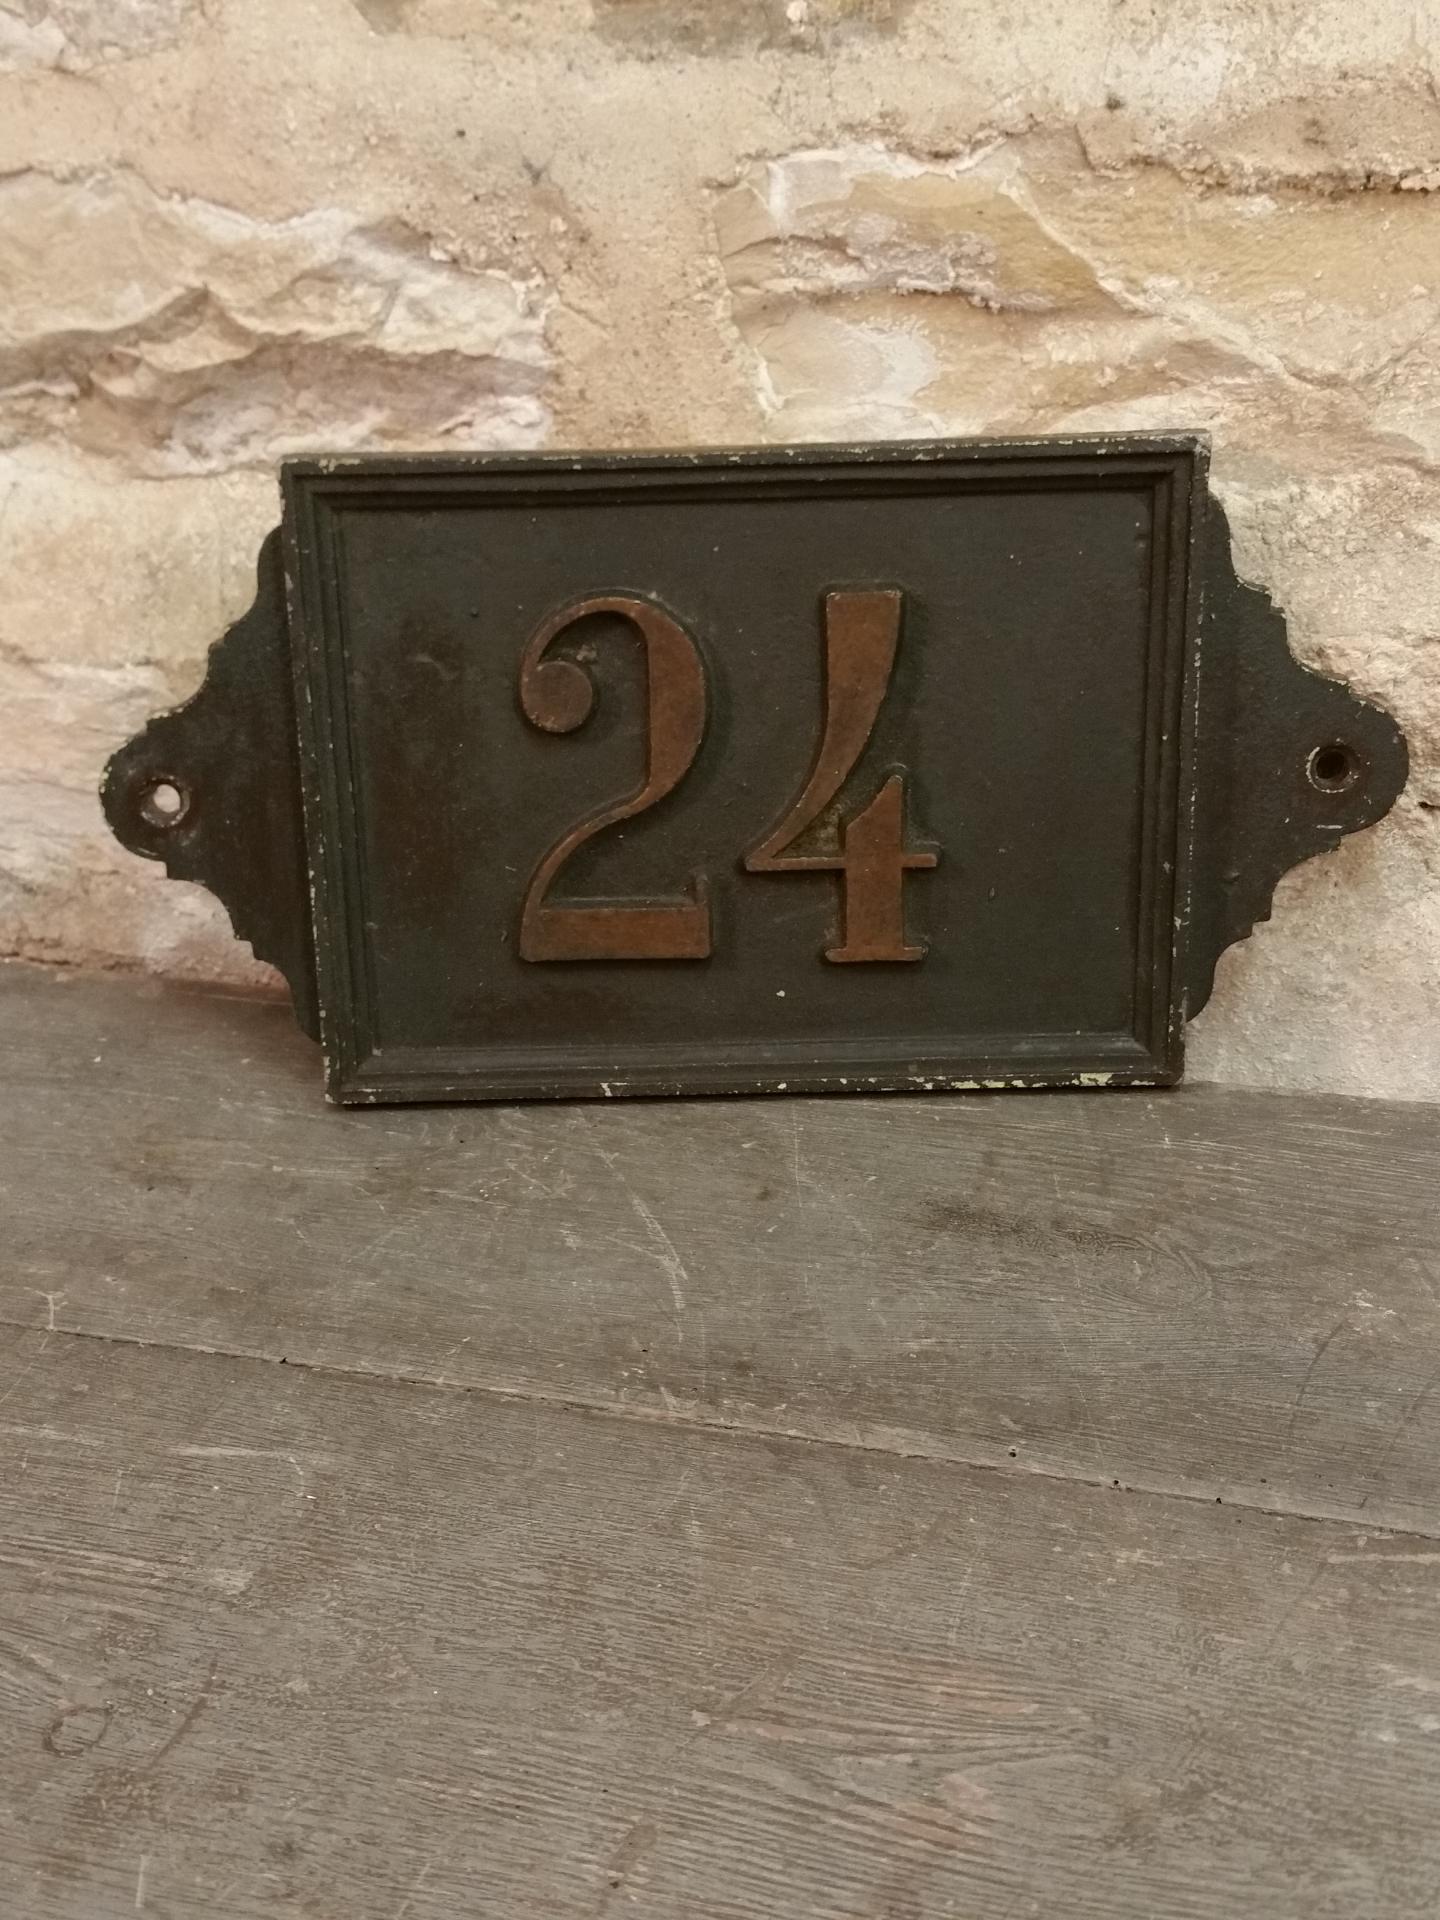 1 plaque de rue n 24